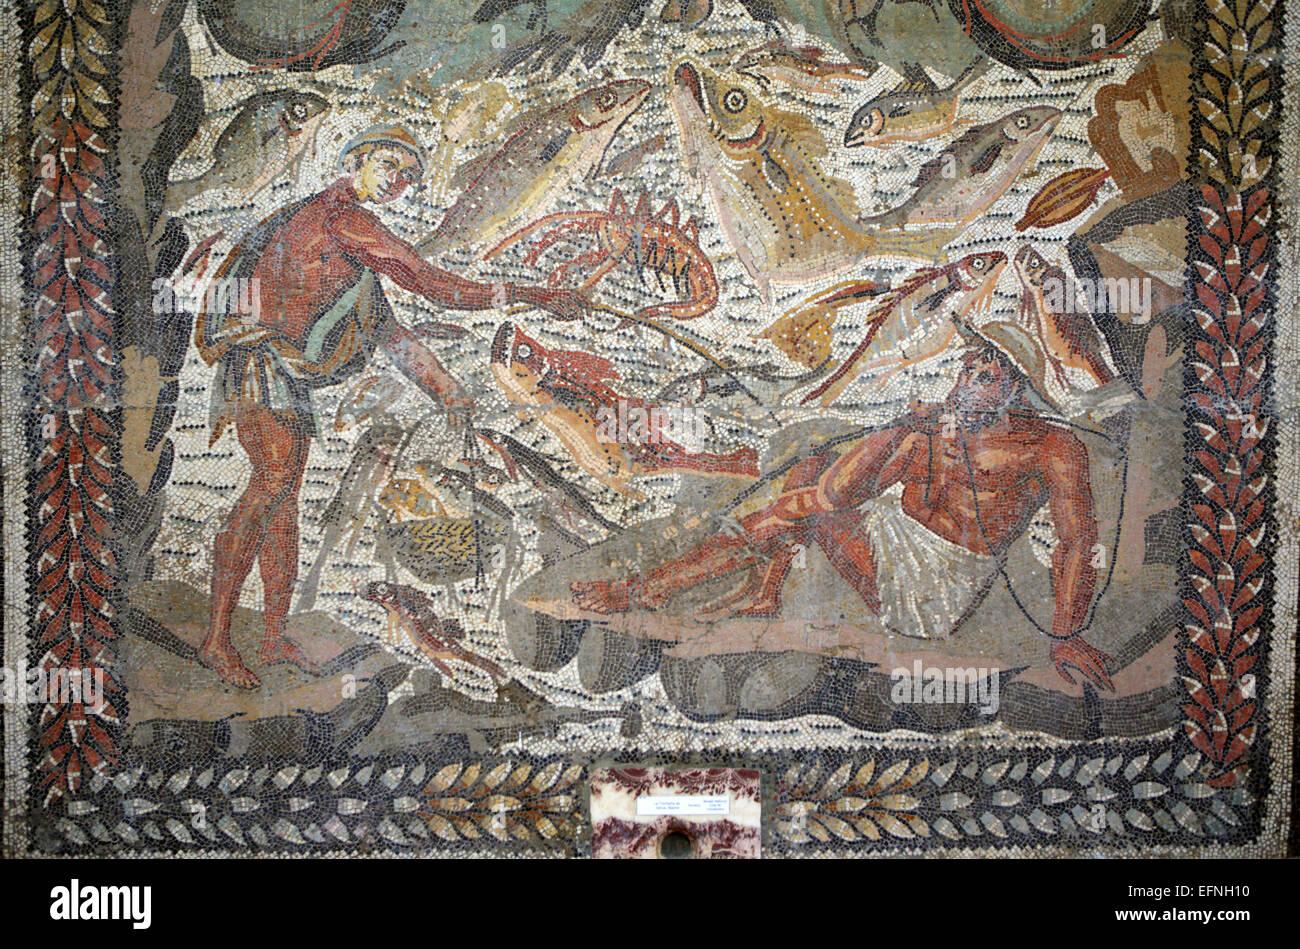 Mosaïque romaine, Constantine, Algérie Photo Stock